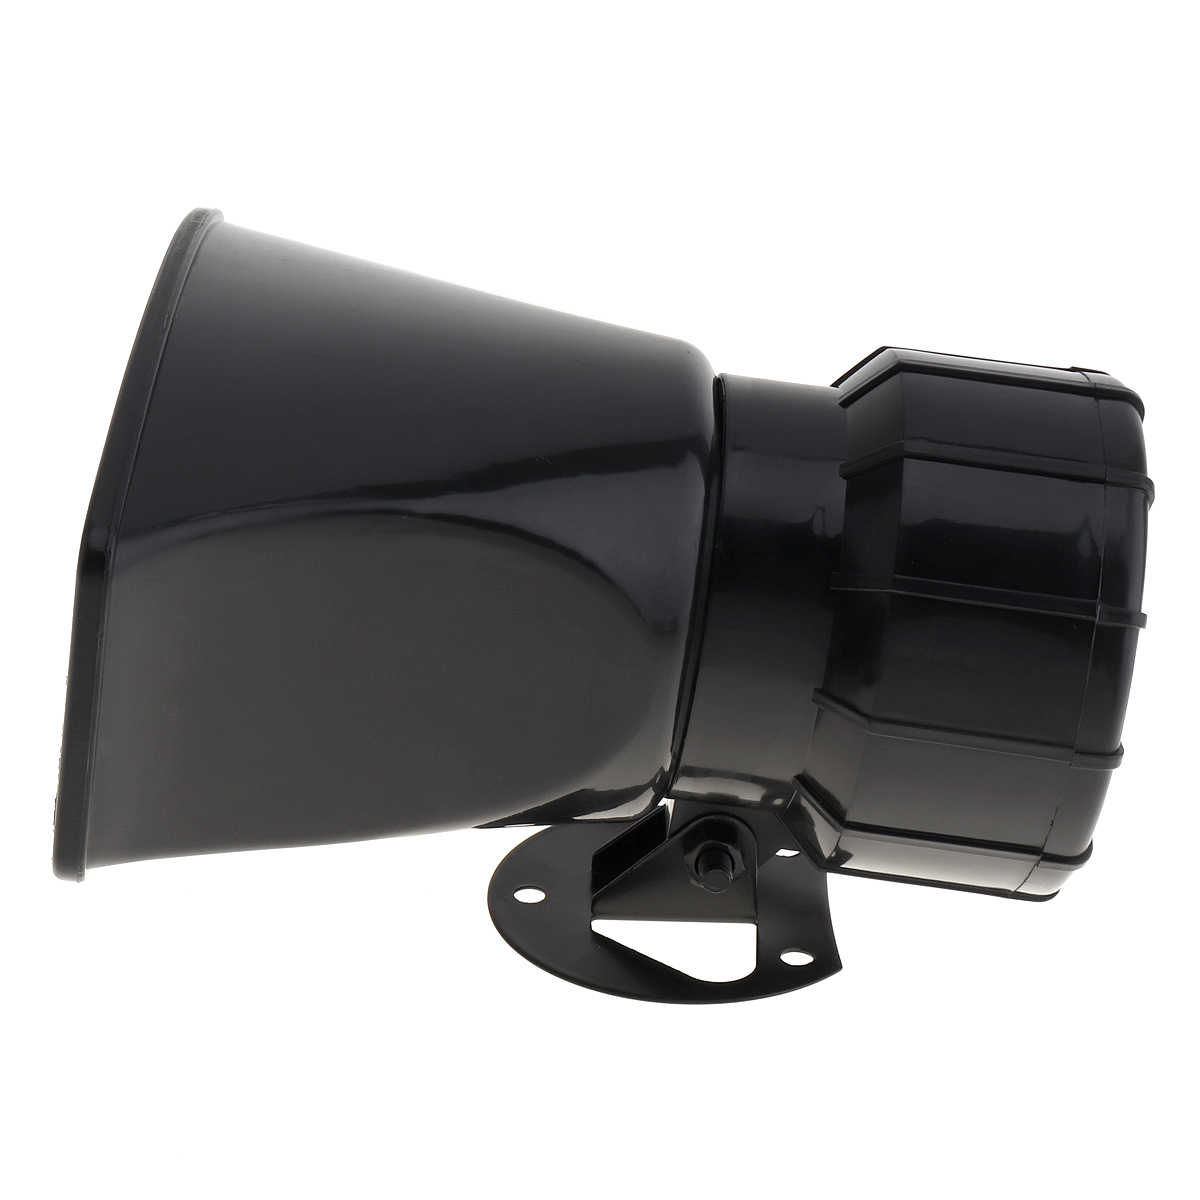 12V 100W 7 звук громкий звуковой сигнал авто Предупреждение сигнал тревоги полиции пожарной сирена рупор громкоговоритель с коричневыми пульт дистанционного управления